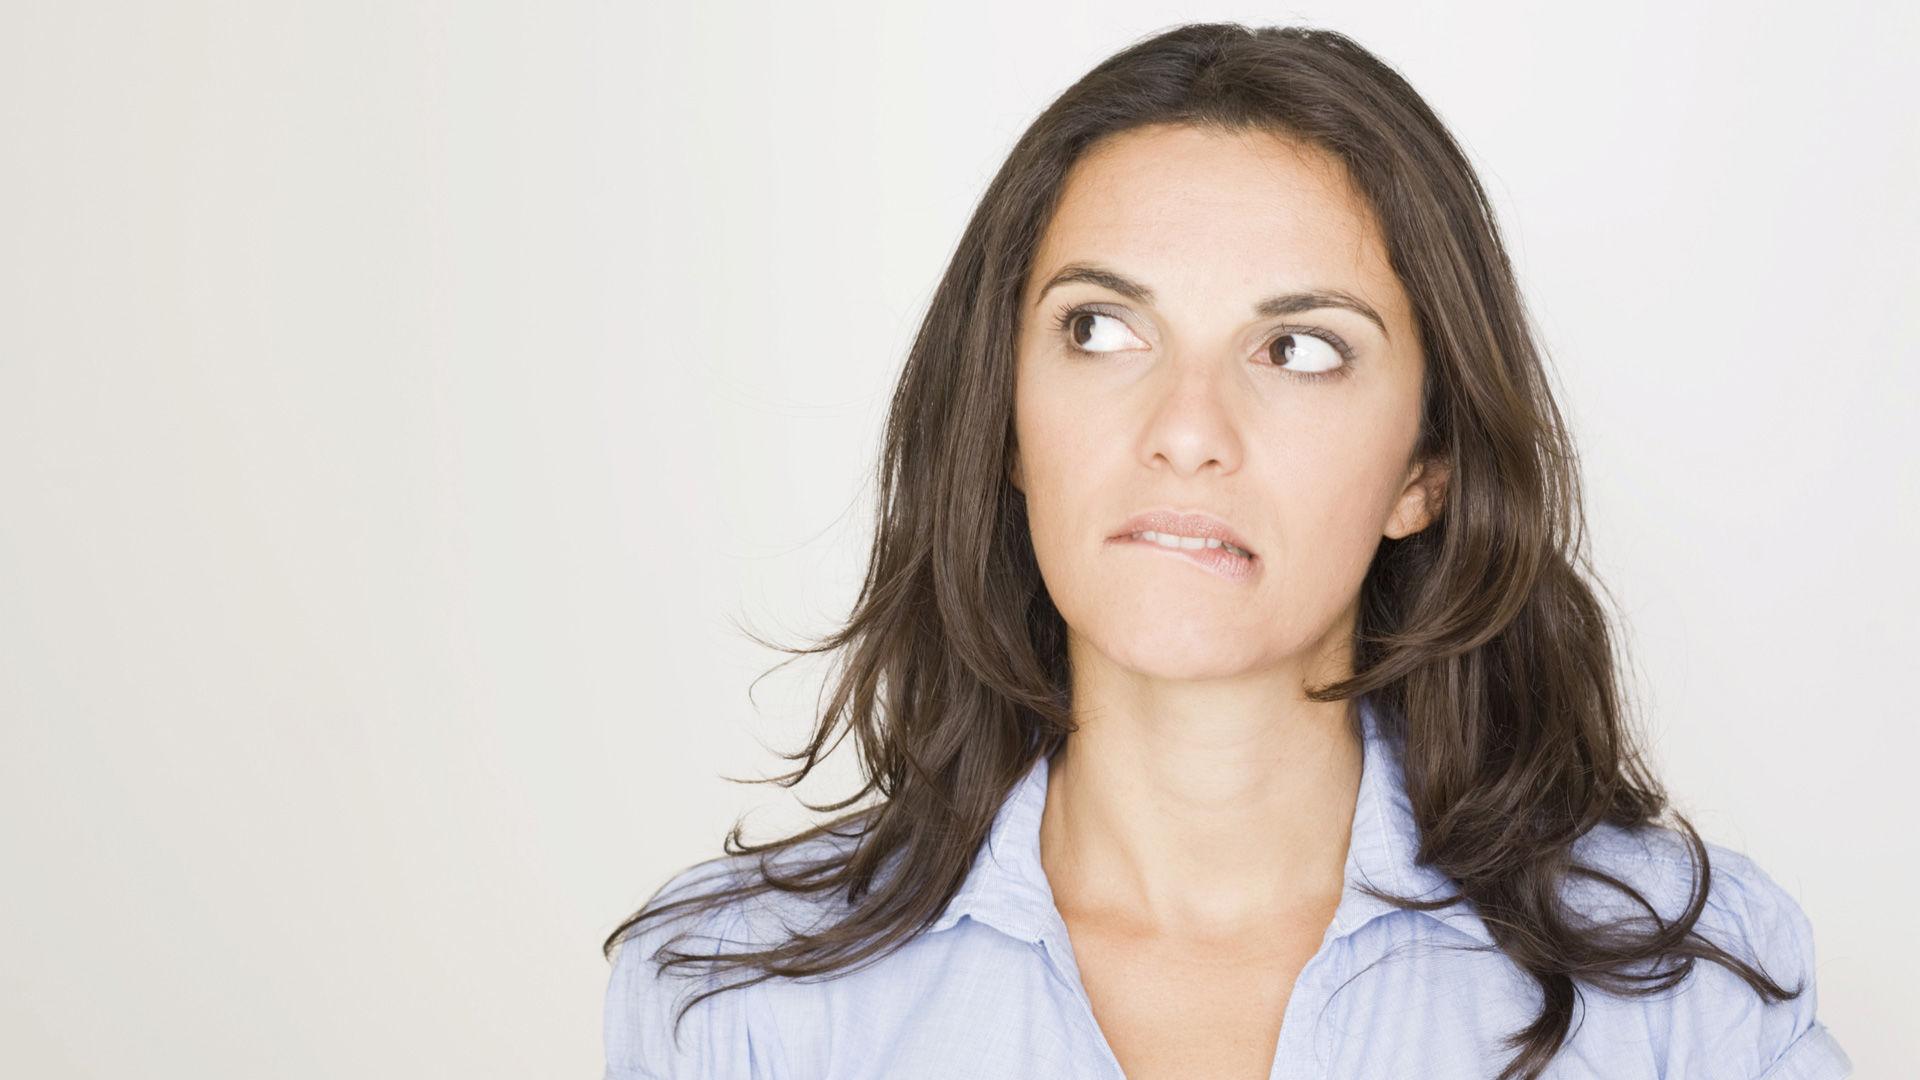 Profil ličnosti osoba koje pate od paničnih napada ili anksioznosti